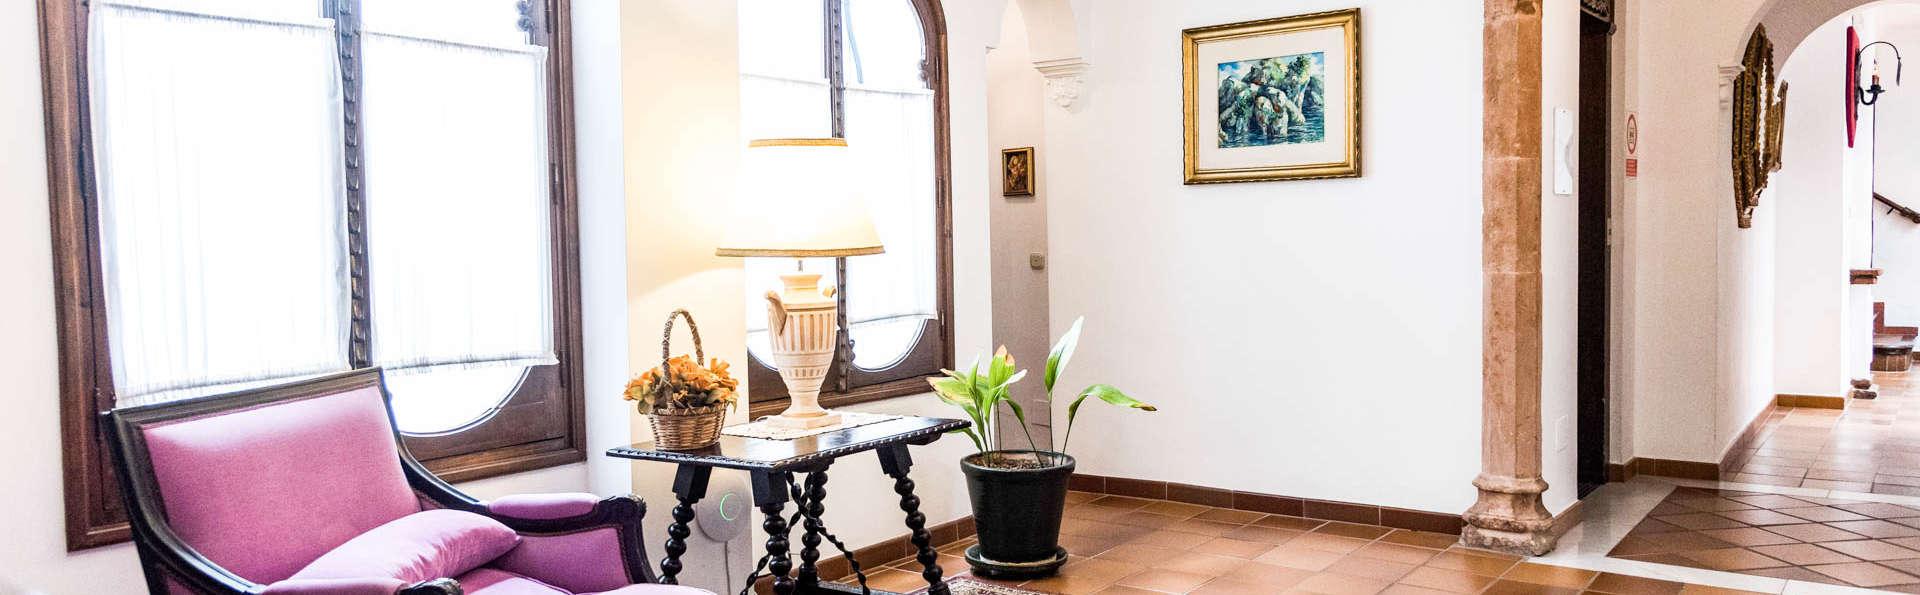 Descubre el encanto de Ronda y alójate en el barrio más histórico de la ciudad con desayuno incluido